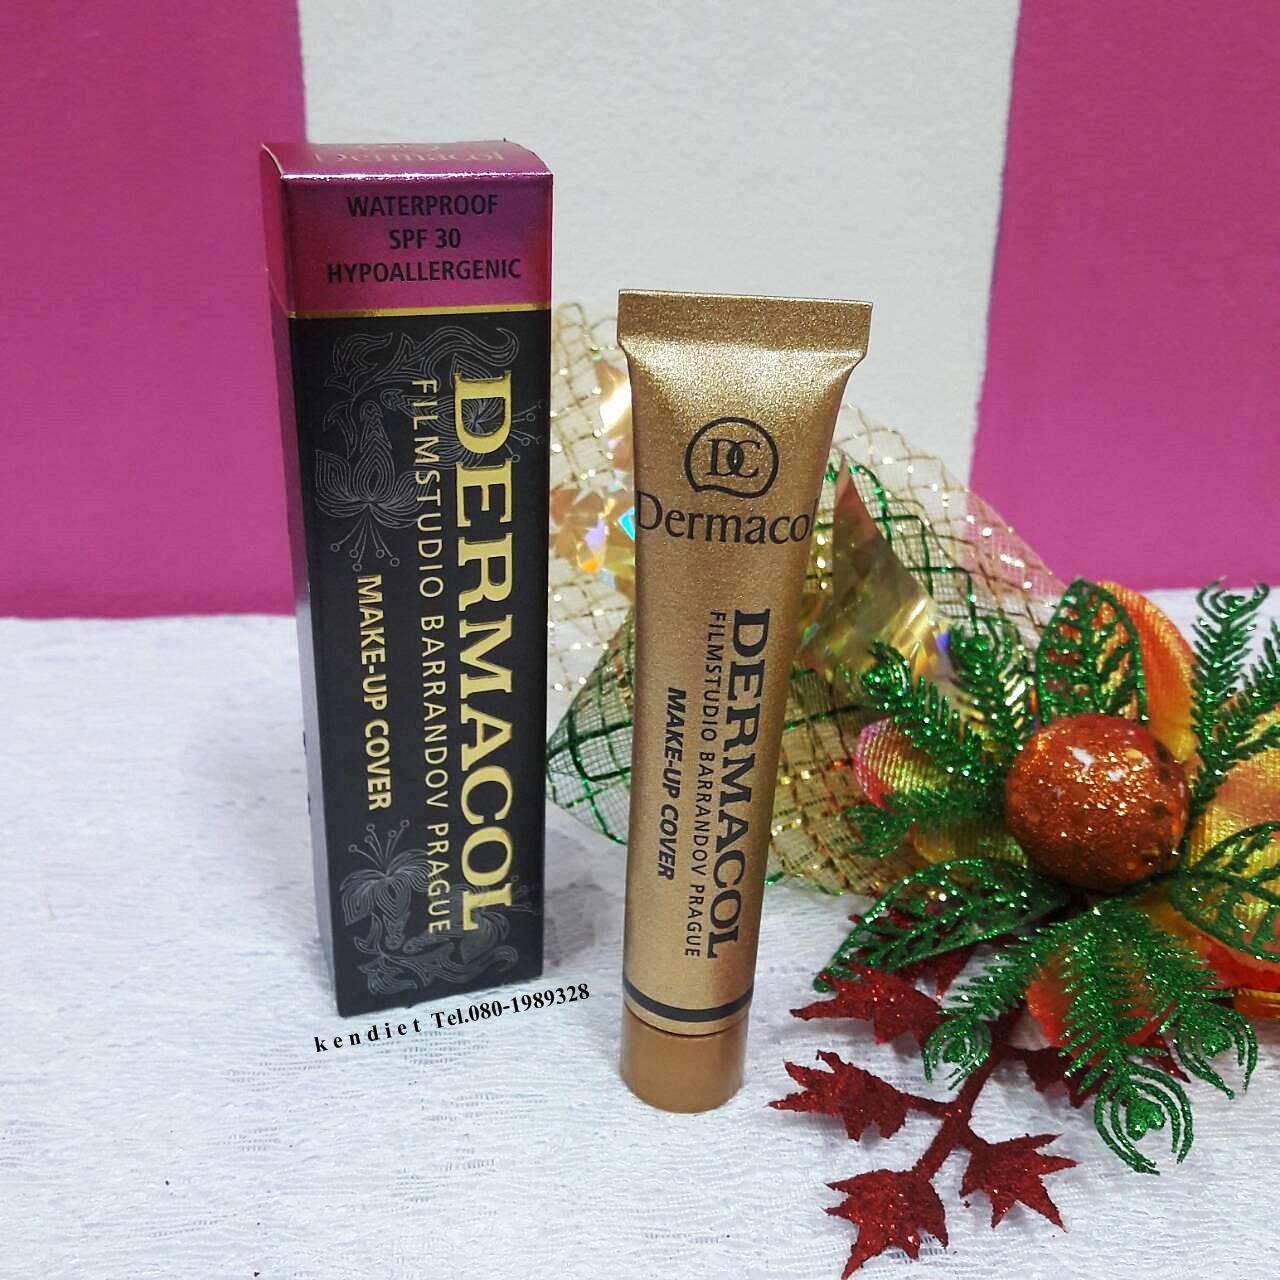 Dermacol make-up cover เดอร์มาคอล เมคอัพ คัพเวอร์ รองพื้นเทพ 650 บาท ส่งฟรี ems